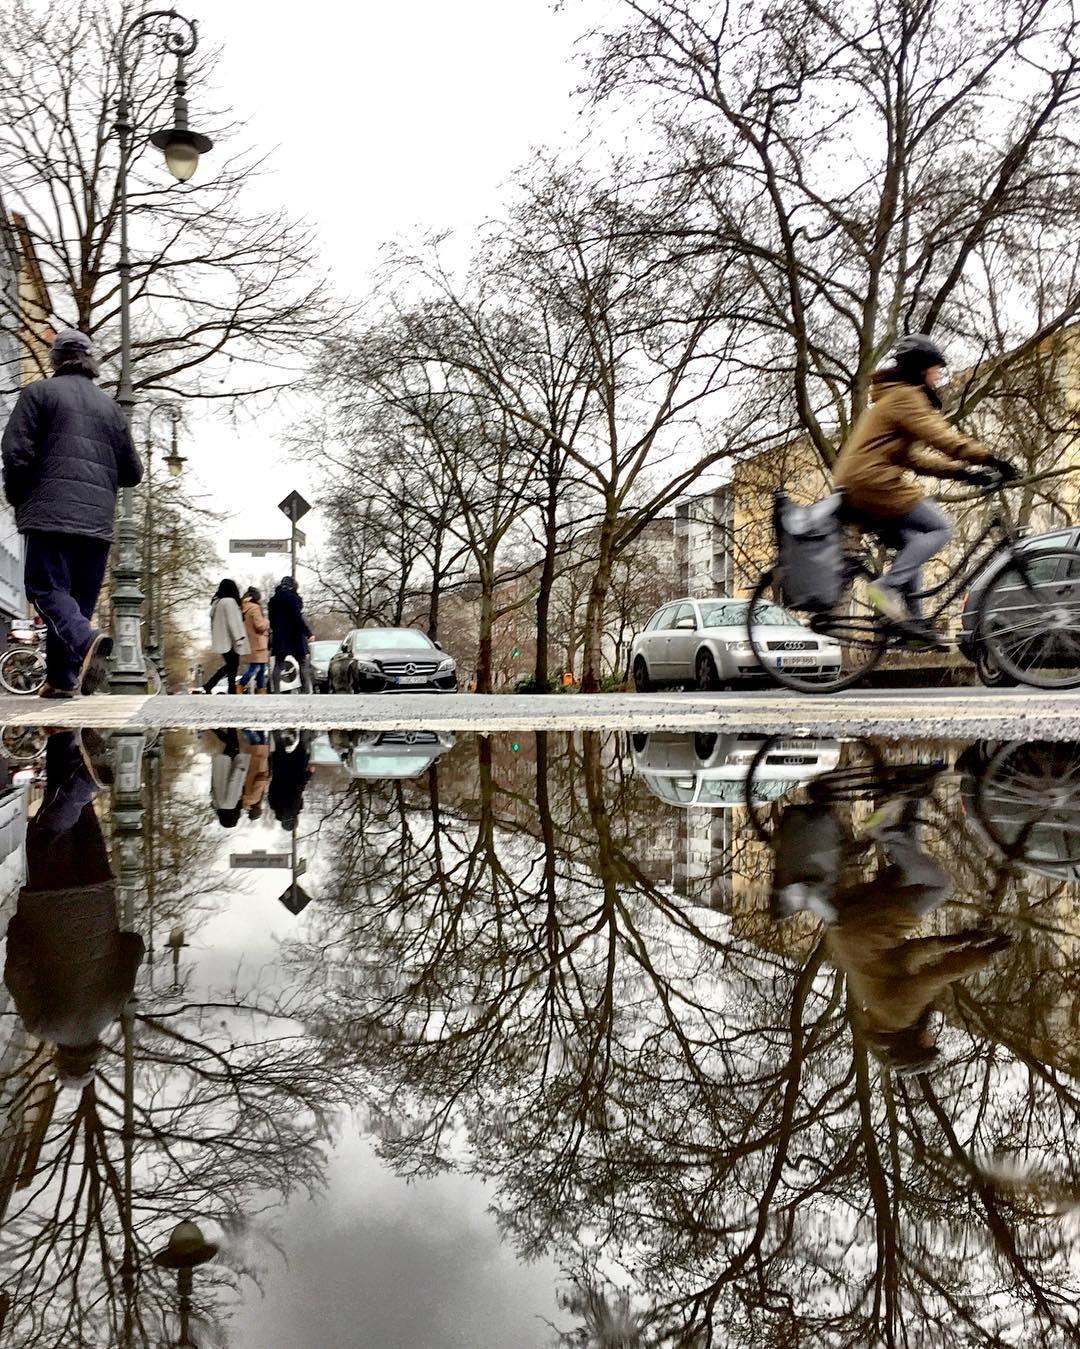 #paracegover Descrição para deficientes visuais: a imagem mostra uma rua onde passam pessoas, carros e ciclistas. Tudo, incluindo o poste de iluminação, o céu nublado e as árvores sem folhas, está refletido na poça d'água em primeiro plano. — at Gneisenaustraße.